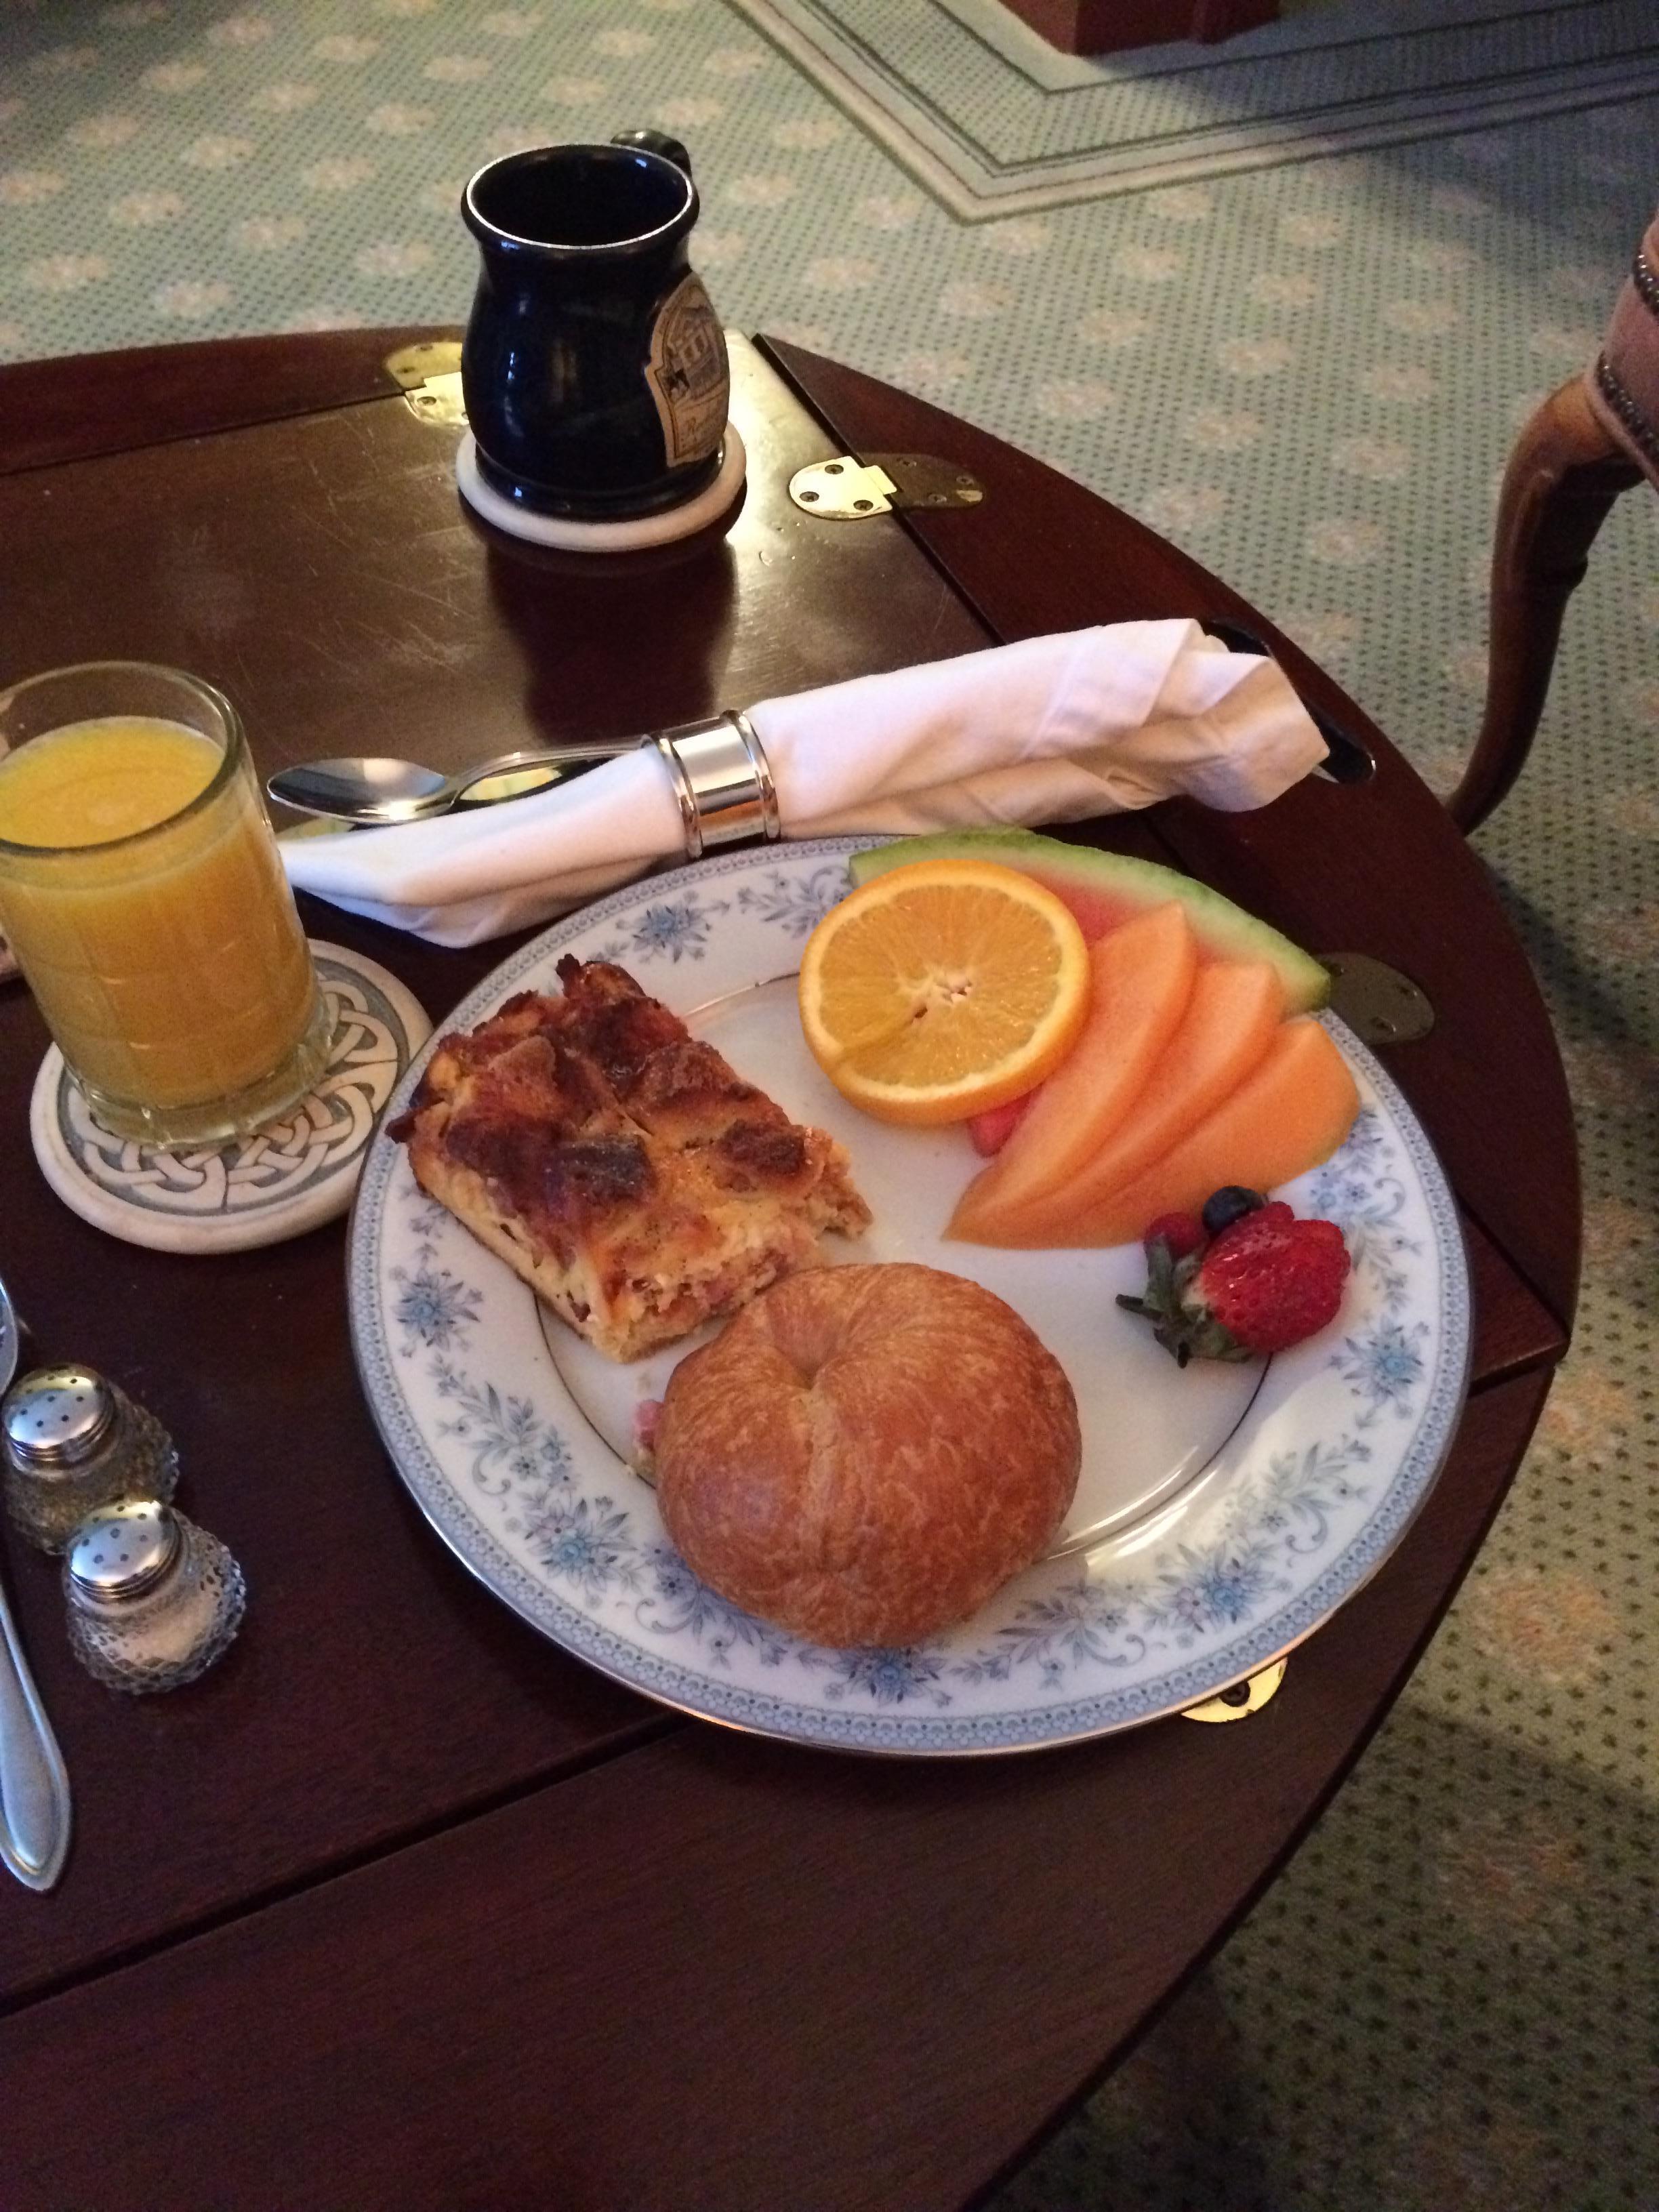 Gluten free breakfast!